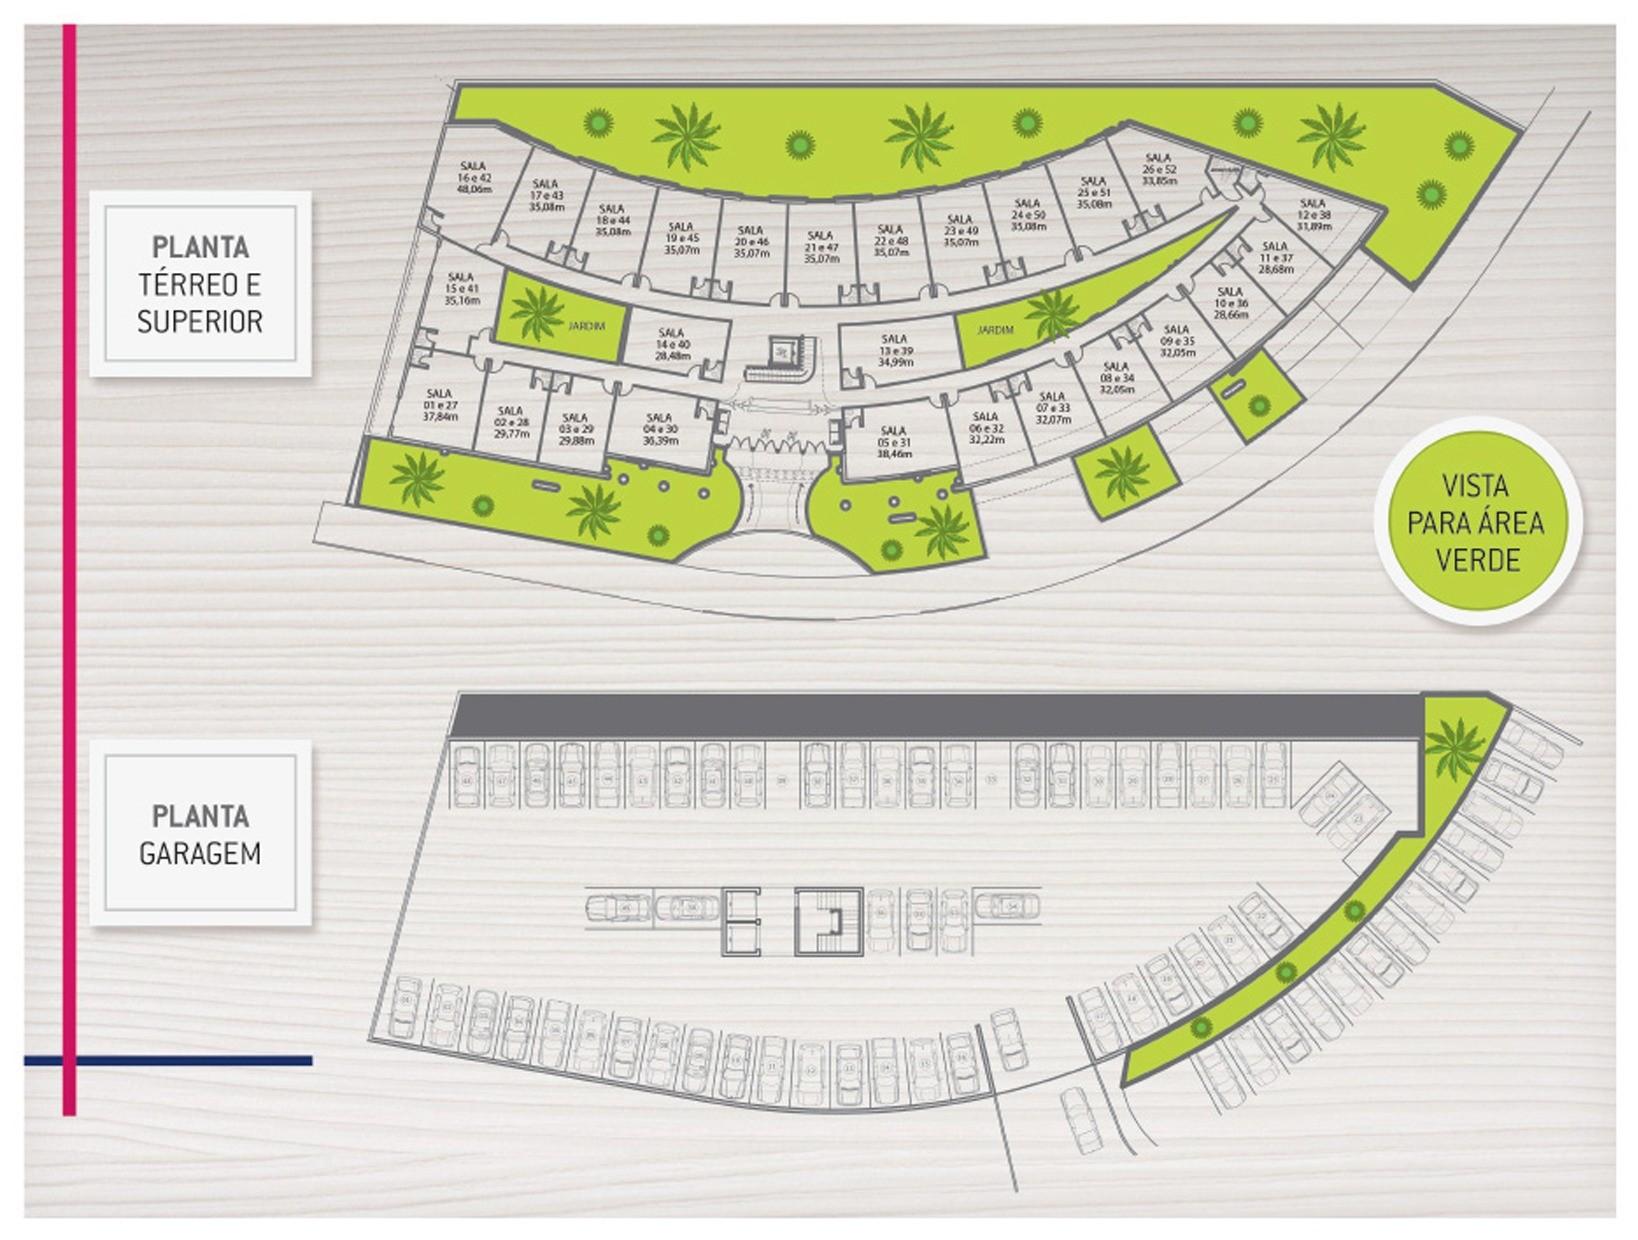 Office à venda em Sousas, Campinas - SP